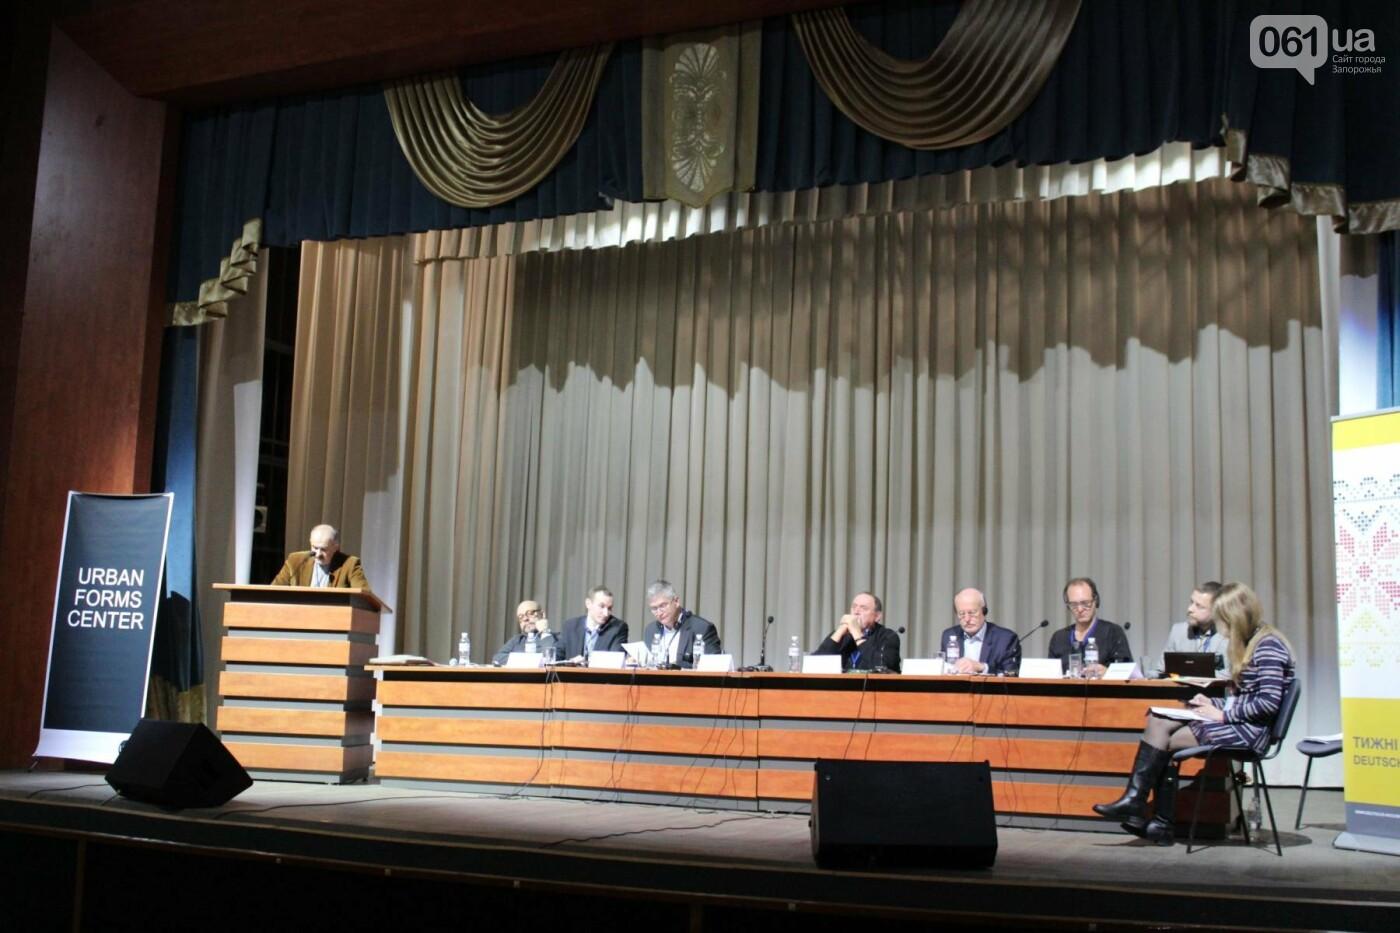 Спасти Соцгород: немецкие и украинские архитекторы подписали резолюцию для запорожской власти, - ФОТОРЕПОРТАЖ, фото-7